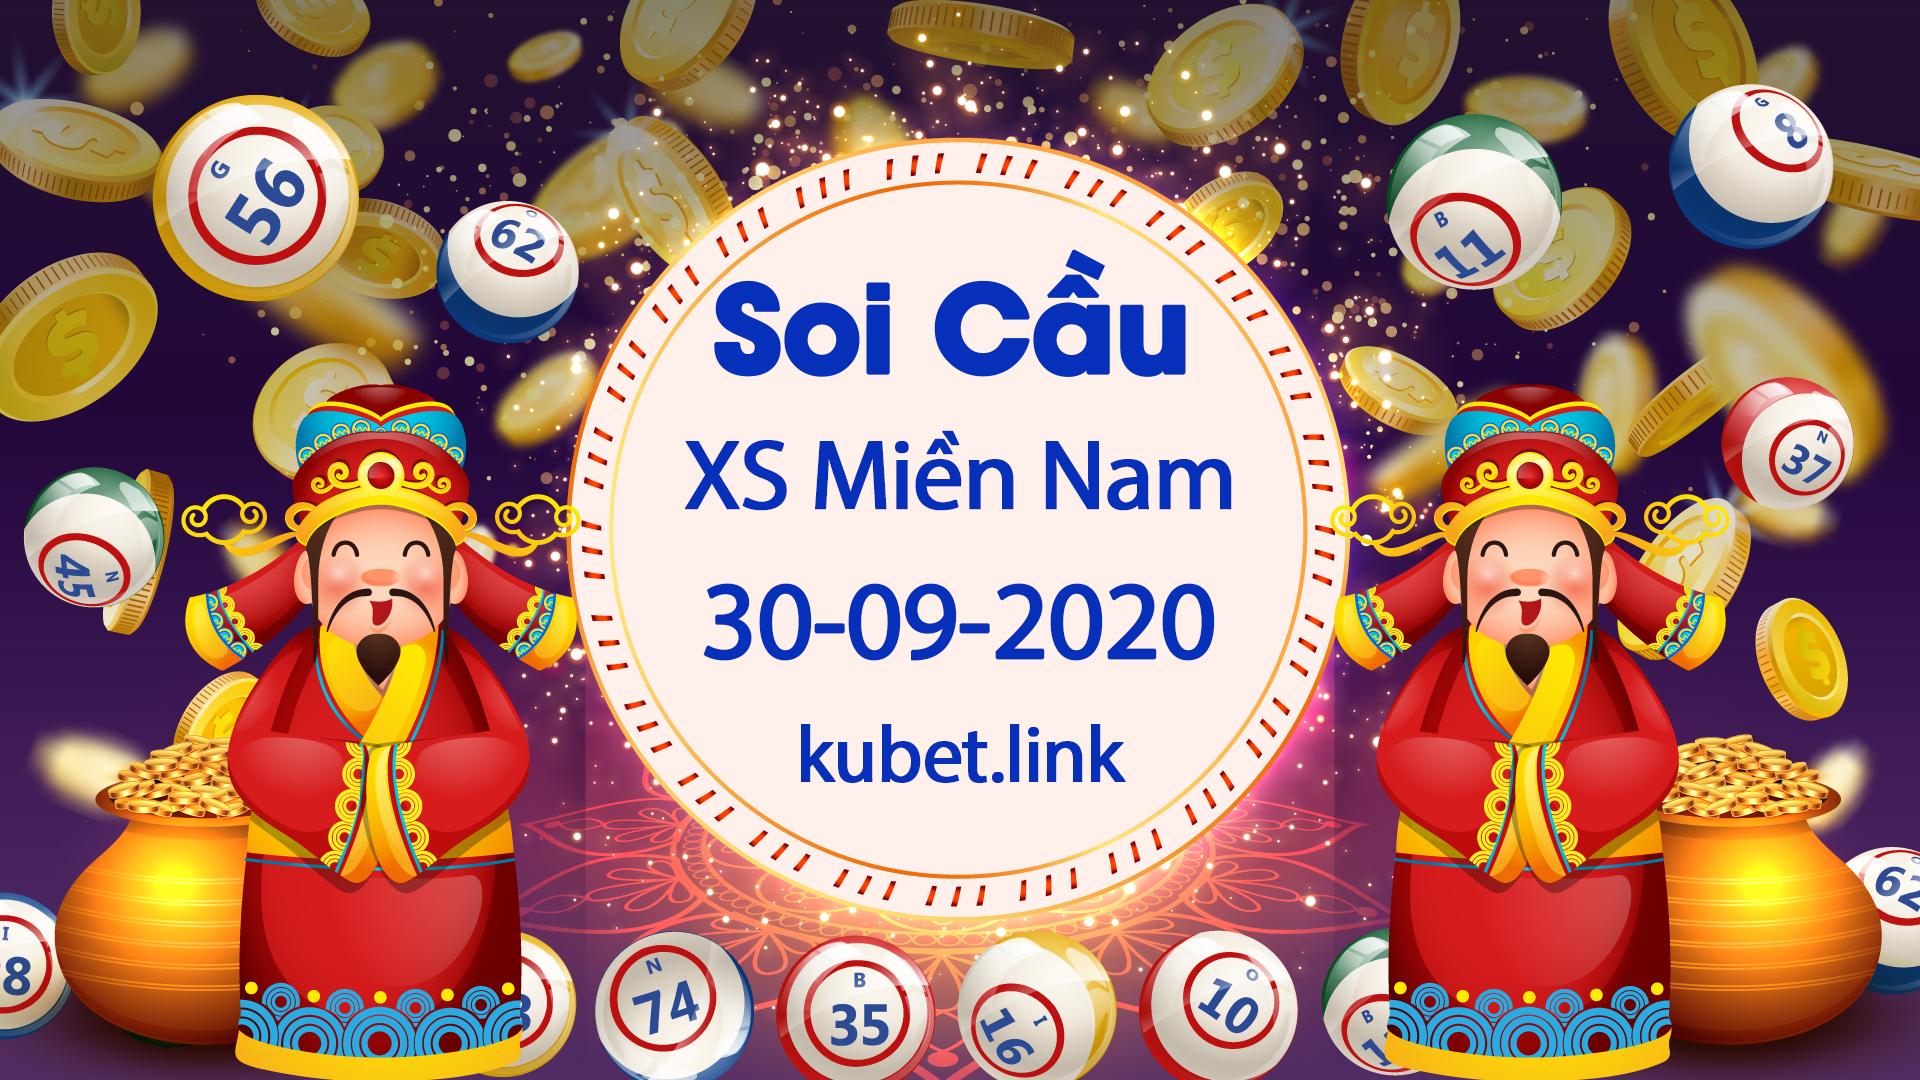 Soi cầu XSMN 30-09-2020